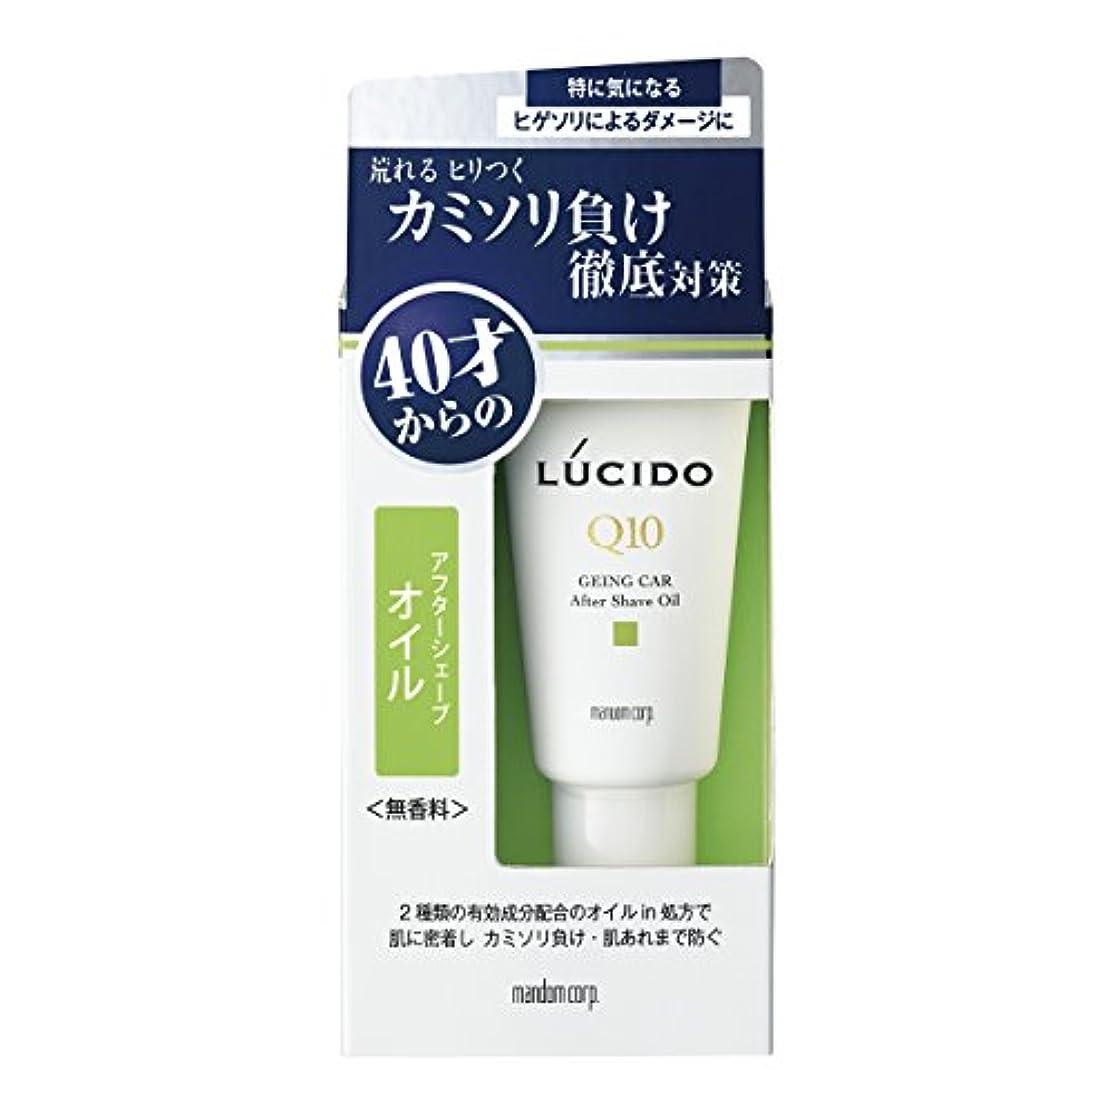 ルシード 薬用 アフターシェーブオイル (医薬部外品)30g